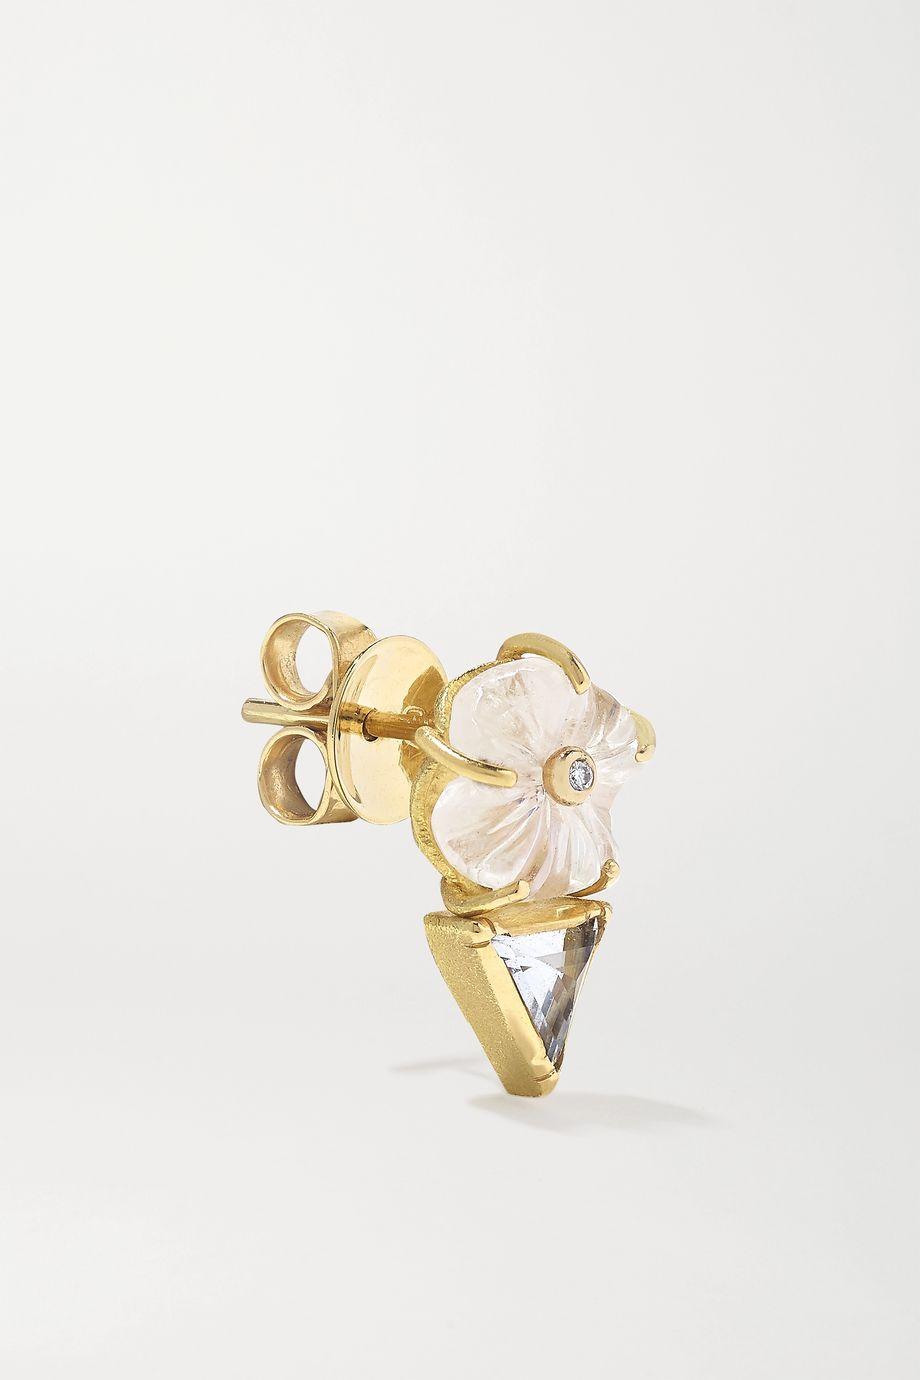 Brooke Gregson Blossom Ohrringe aus 18 Karat Gold mit mehreren Steinen